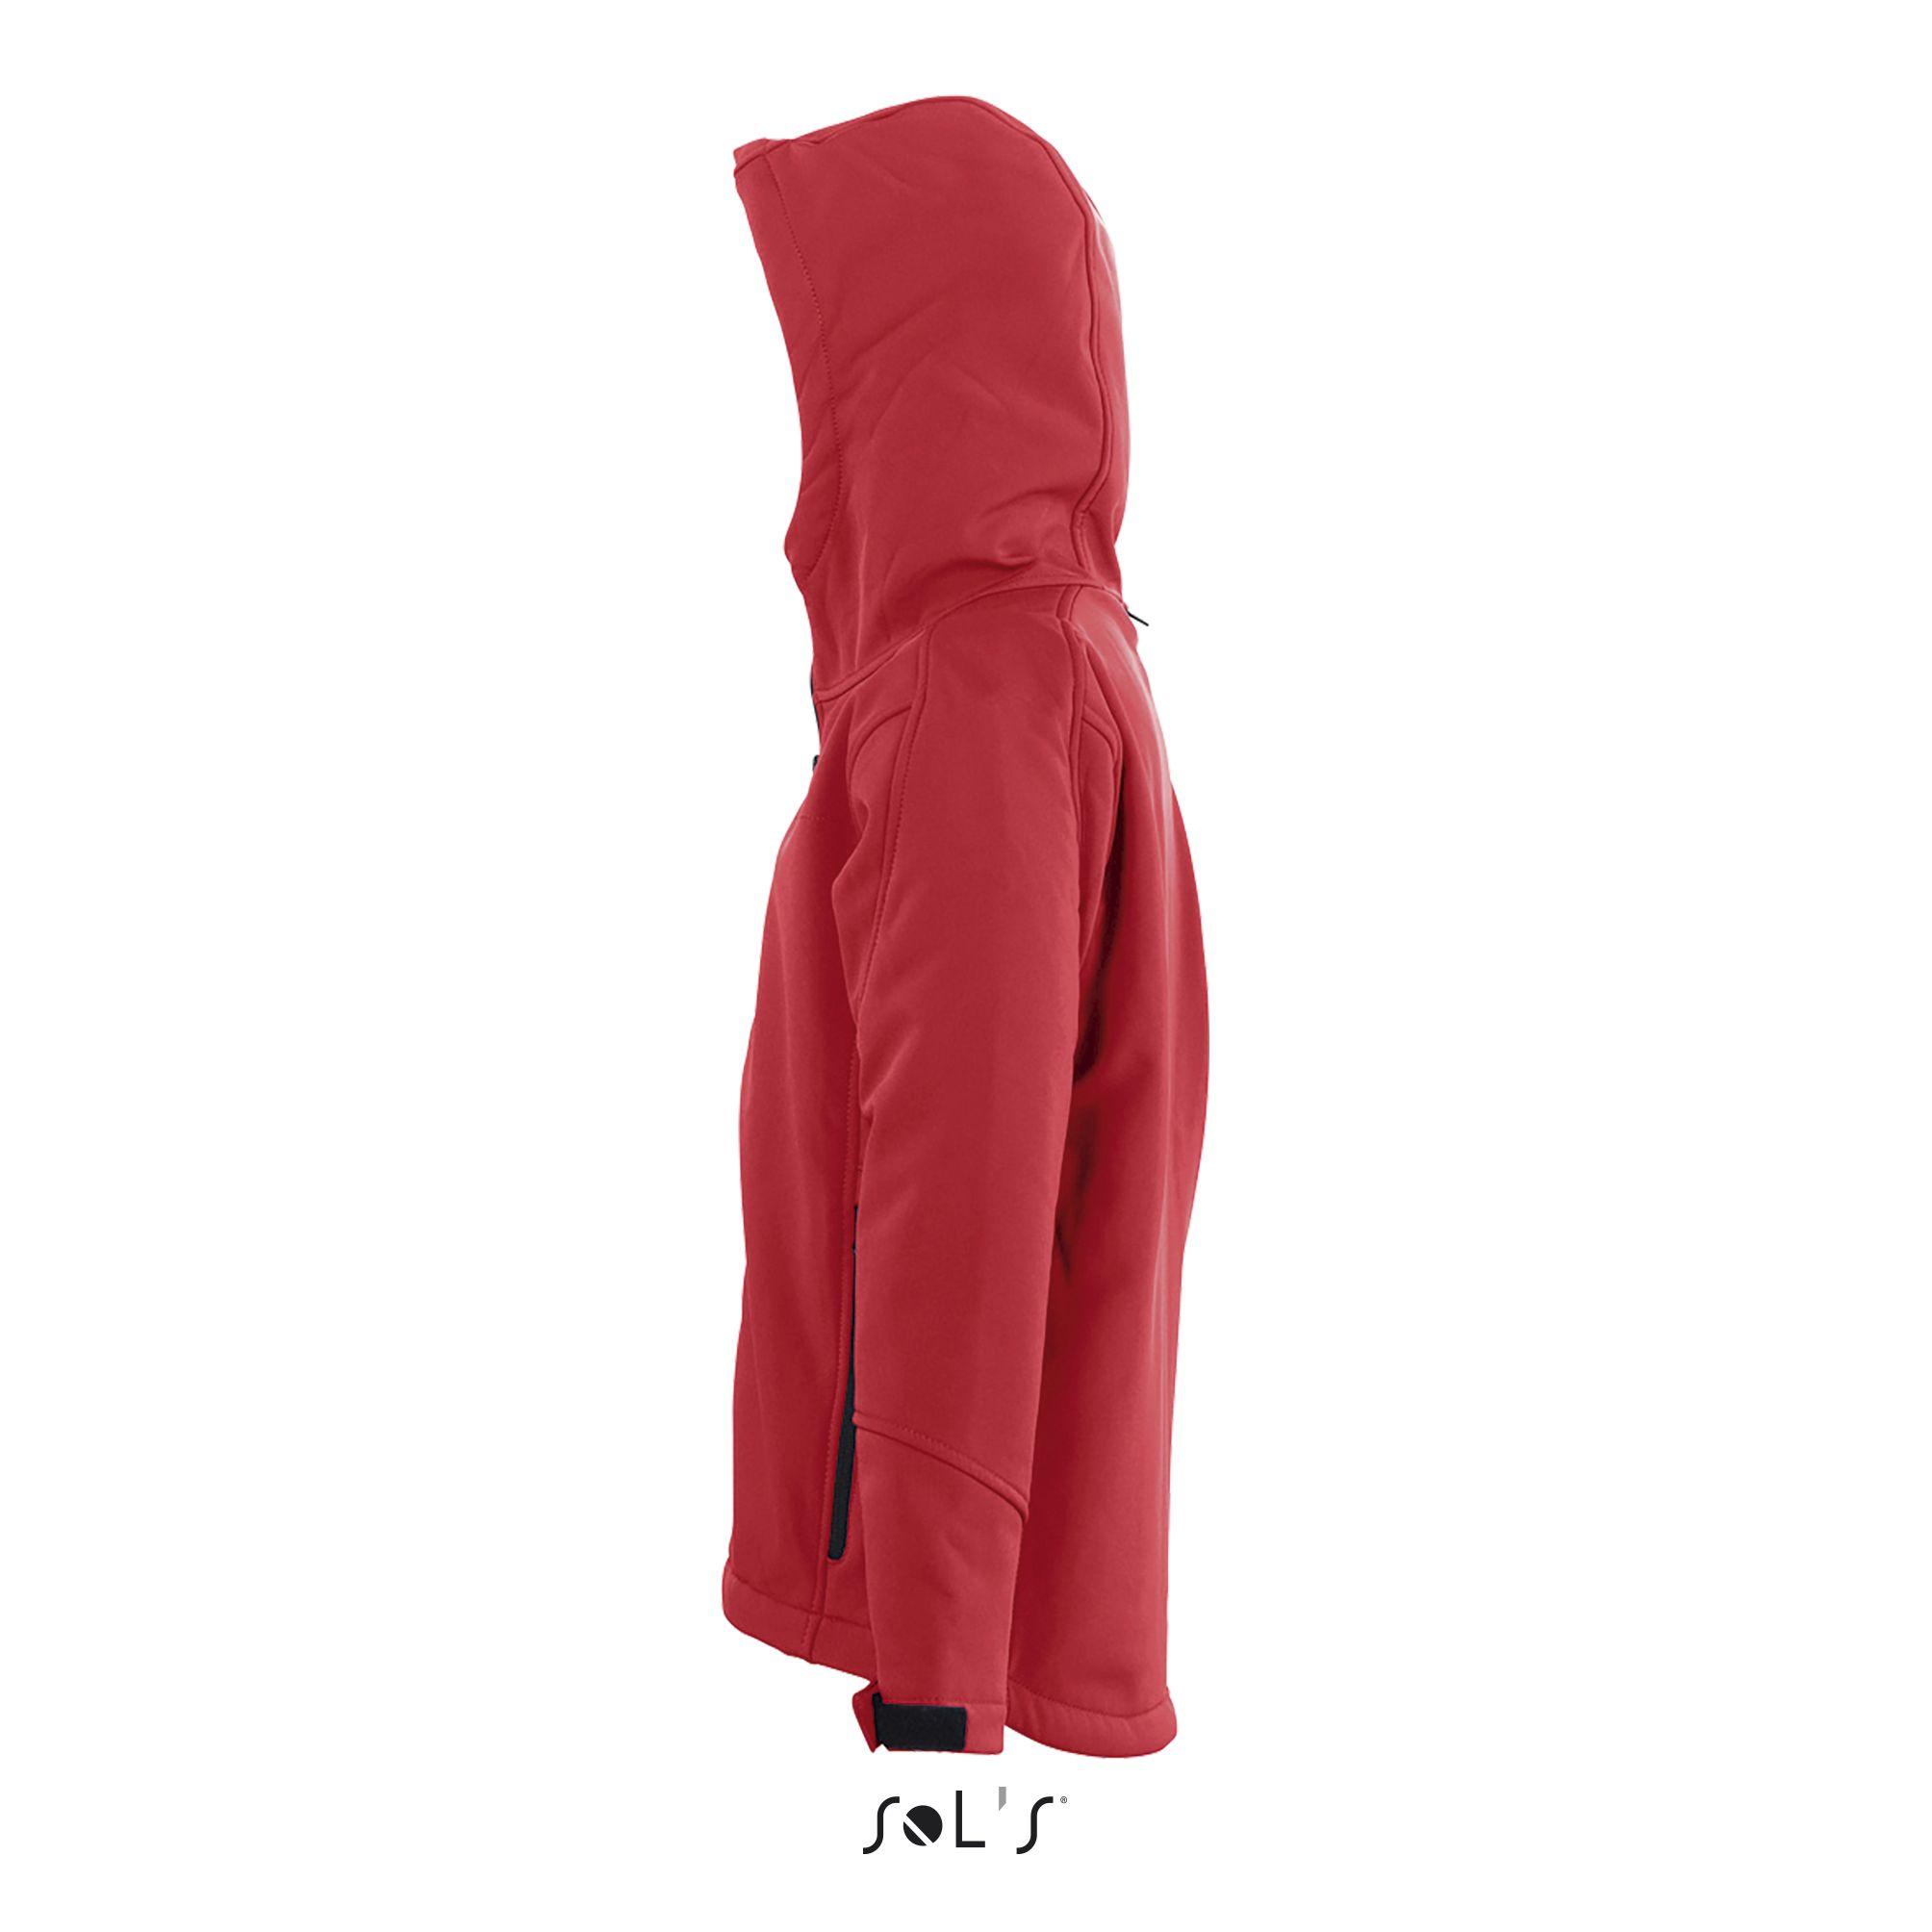 162 - Rouge piment